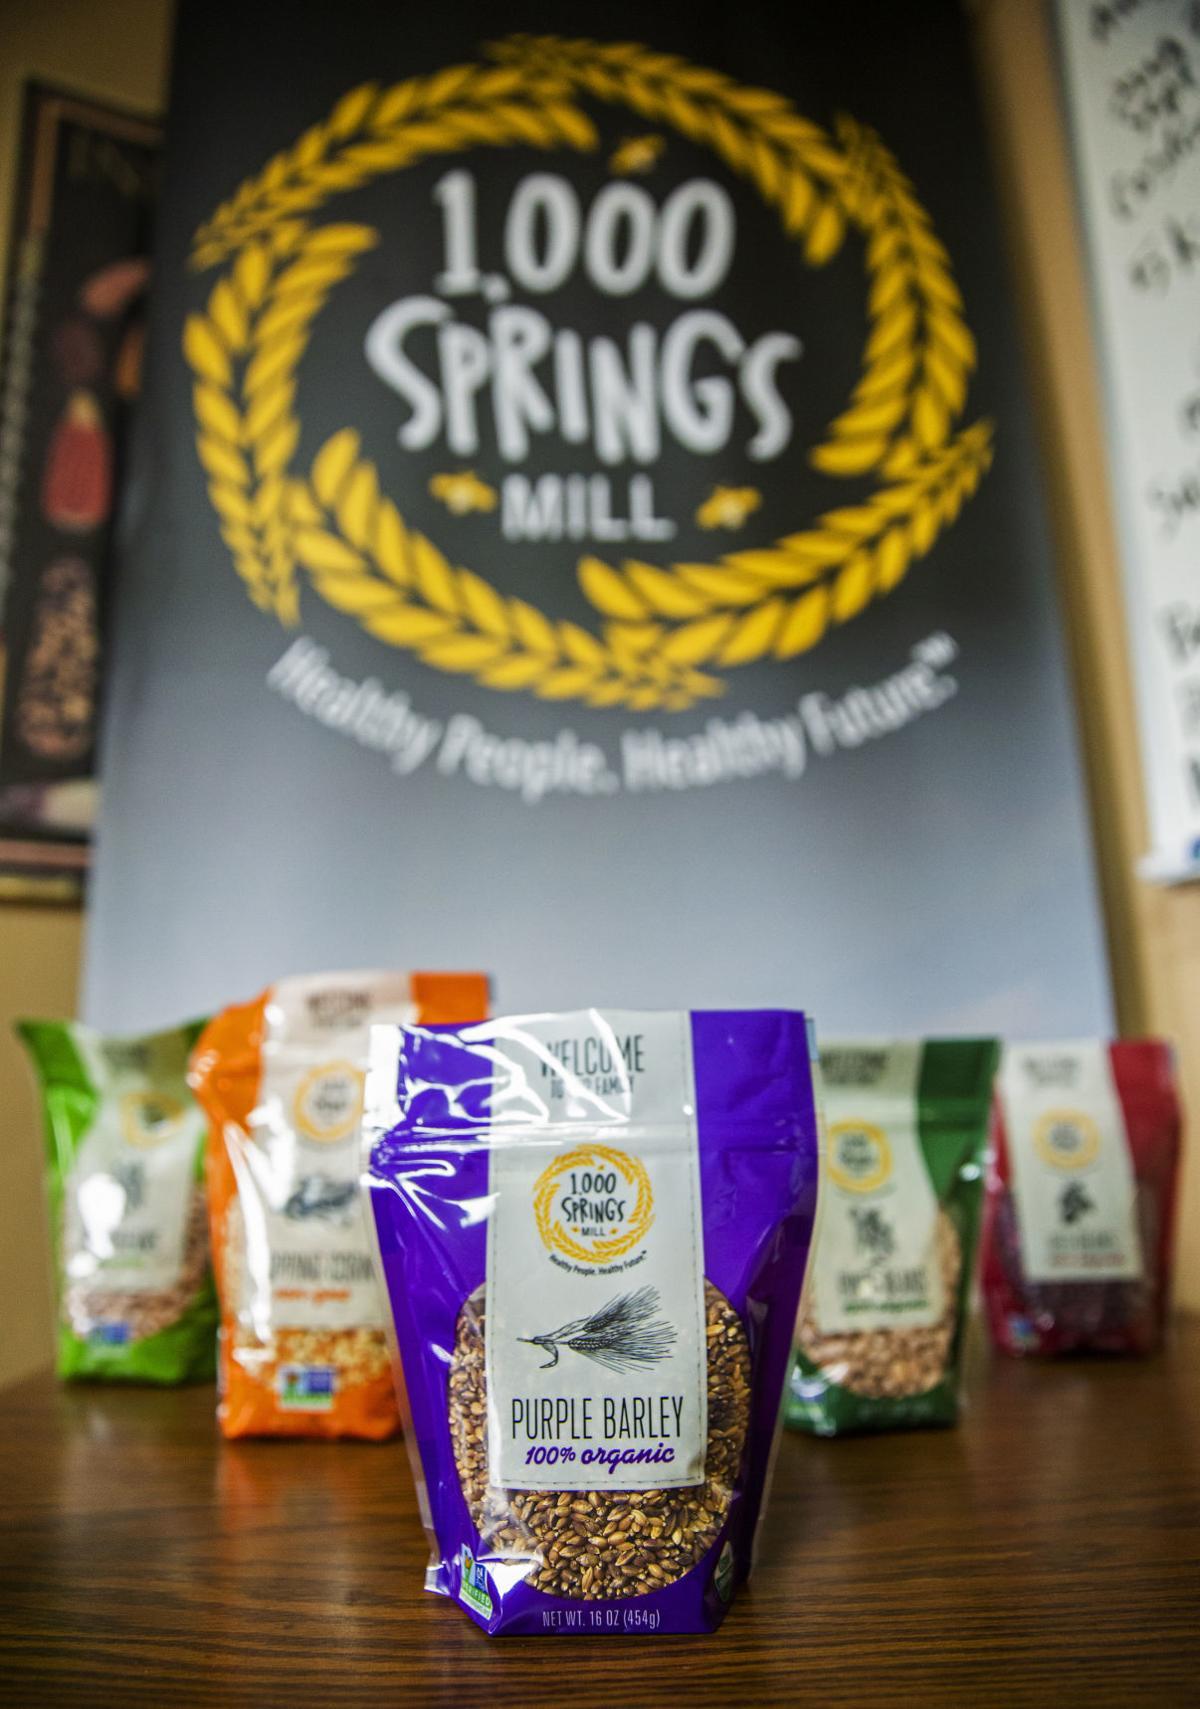 1,000 Springs Mill